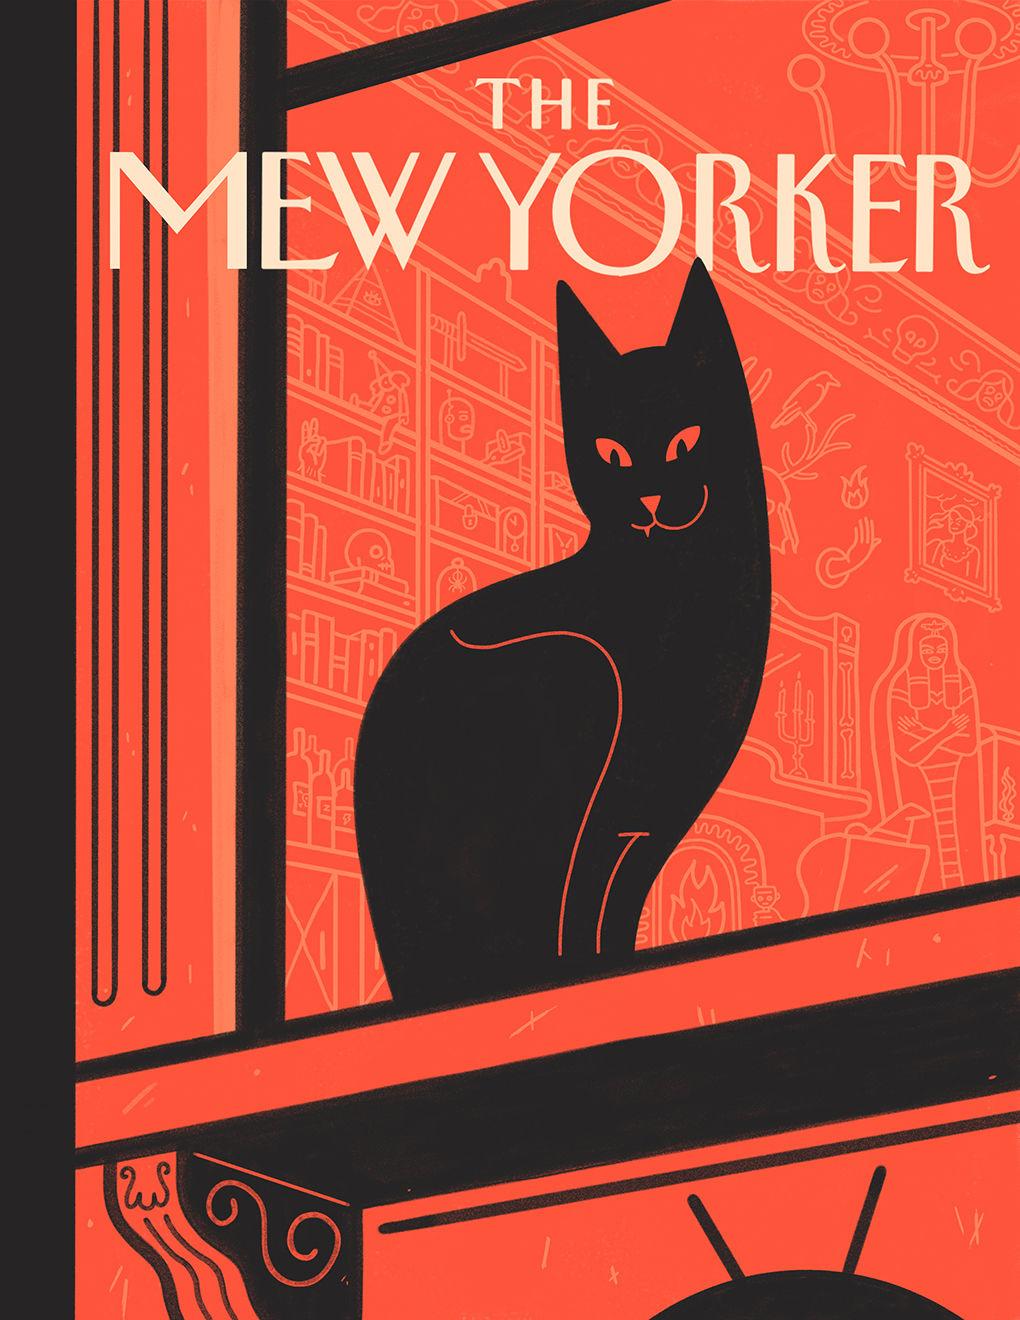 The Not Yorker, il sito che dà una seconda possibilità alle cover rifiutate dal New Yorker | Collater.al 9